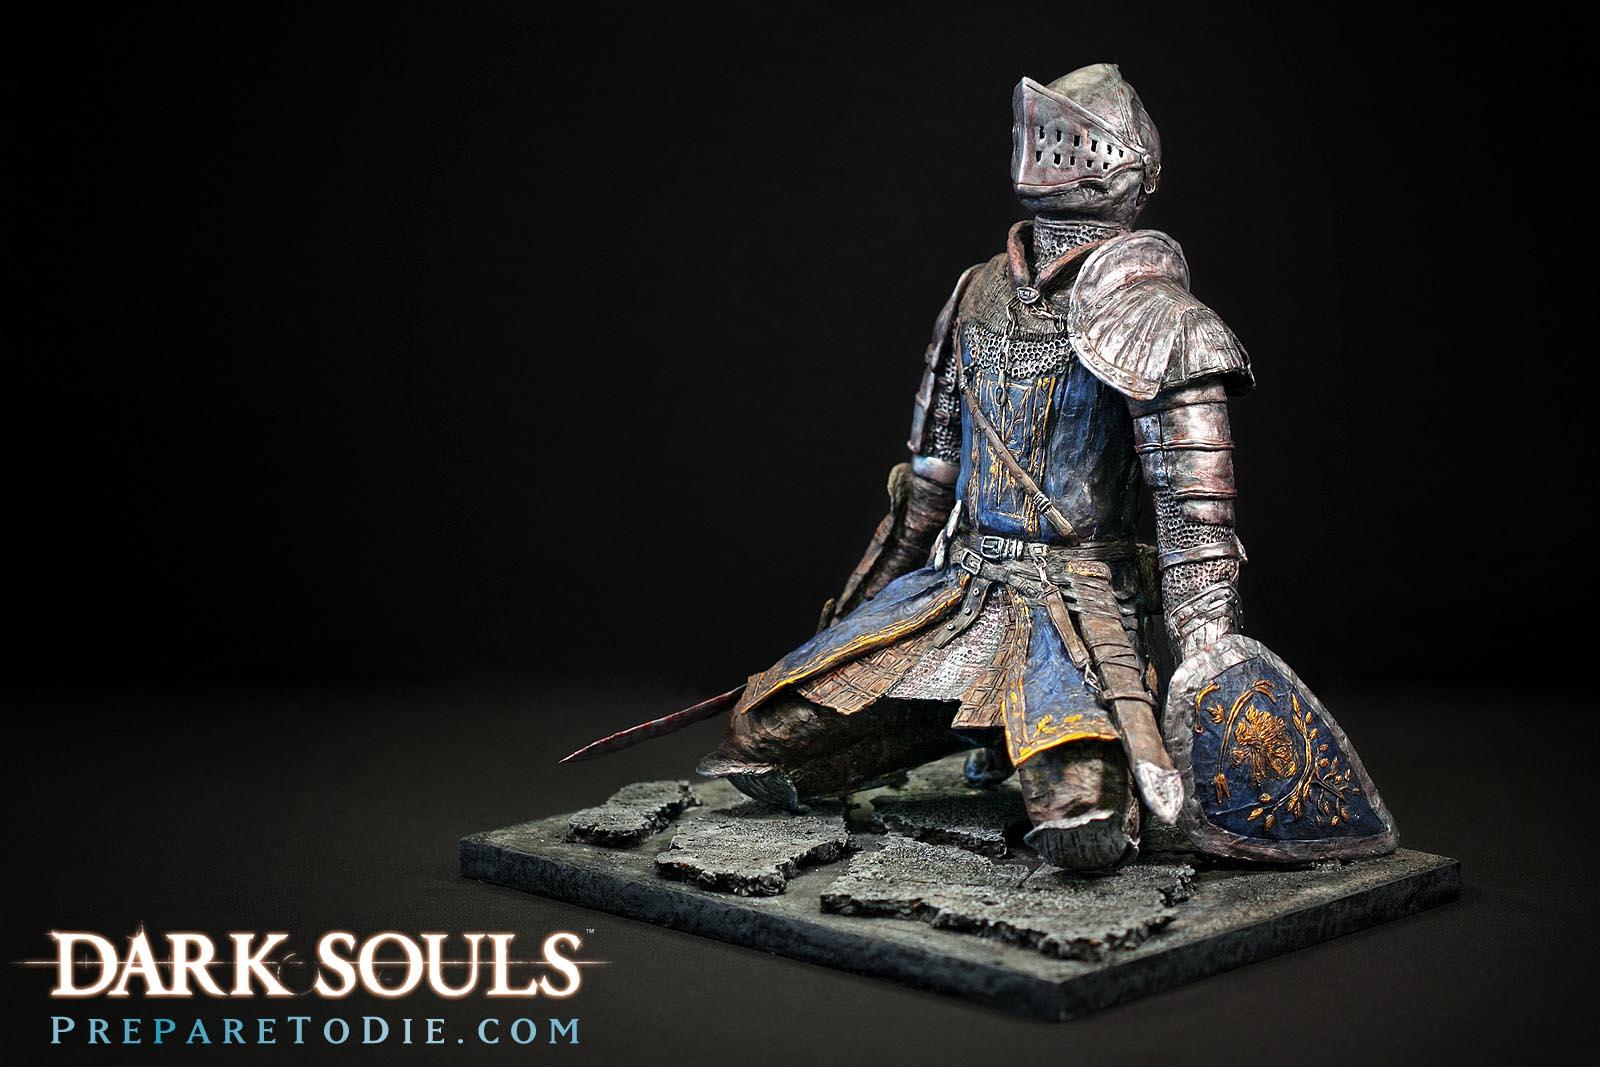 Dark Souls, tan grande y Jugando